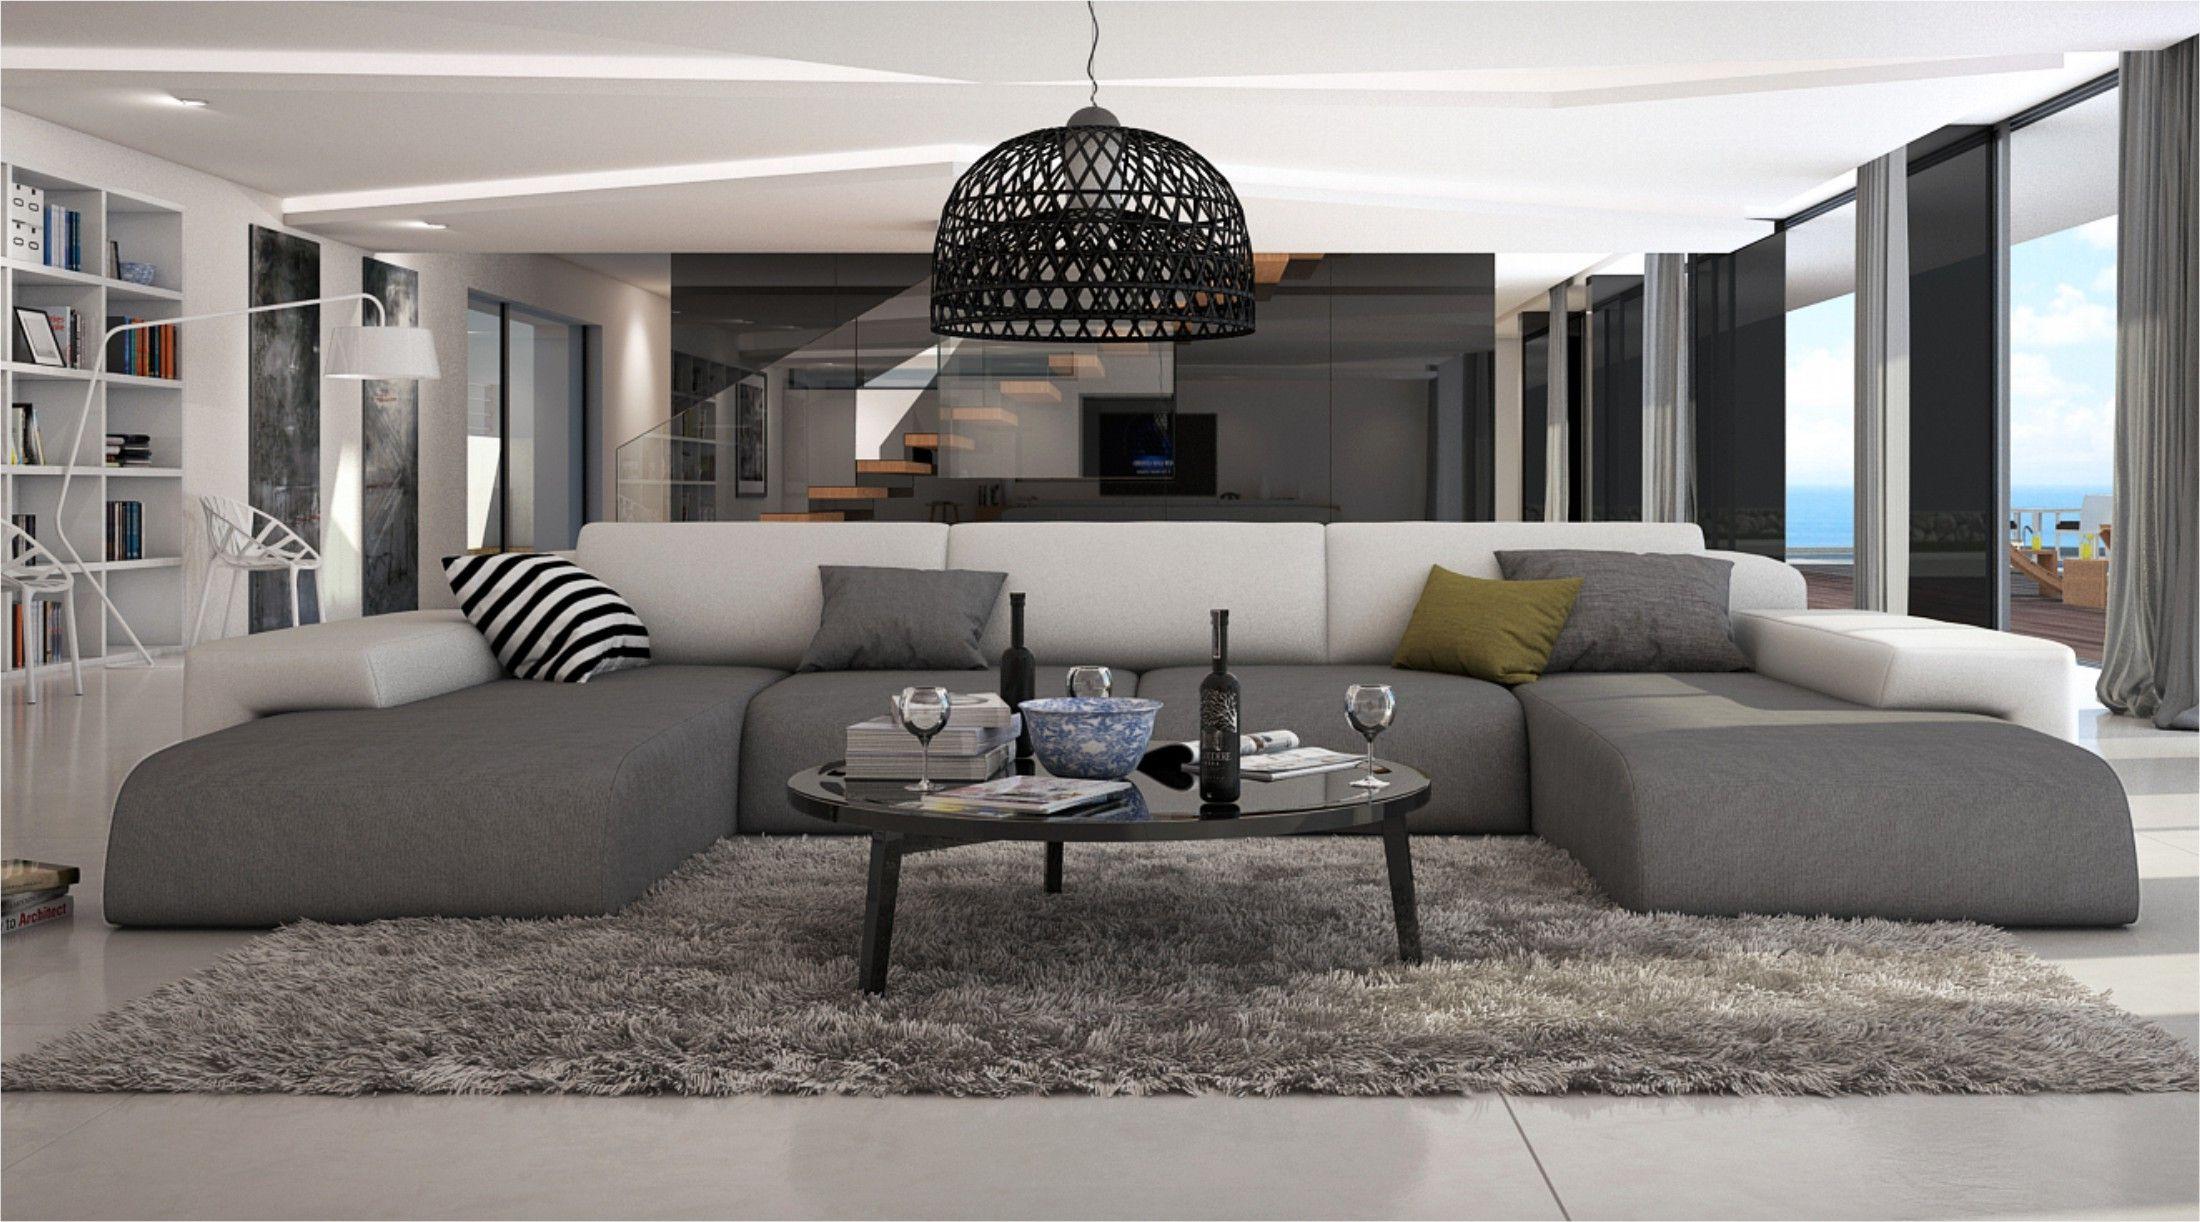 Ce Grand Canape D Angle En U Conferera A Votre Salon Moderne Un Look Irresistible Grace A Ses Lignes Elegantes Et Orig Salon Moderne Deco Salon Idee Deco Salon